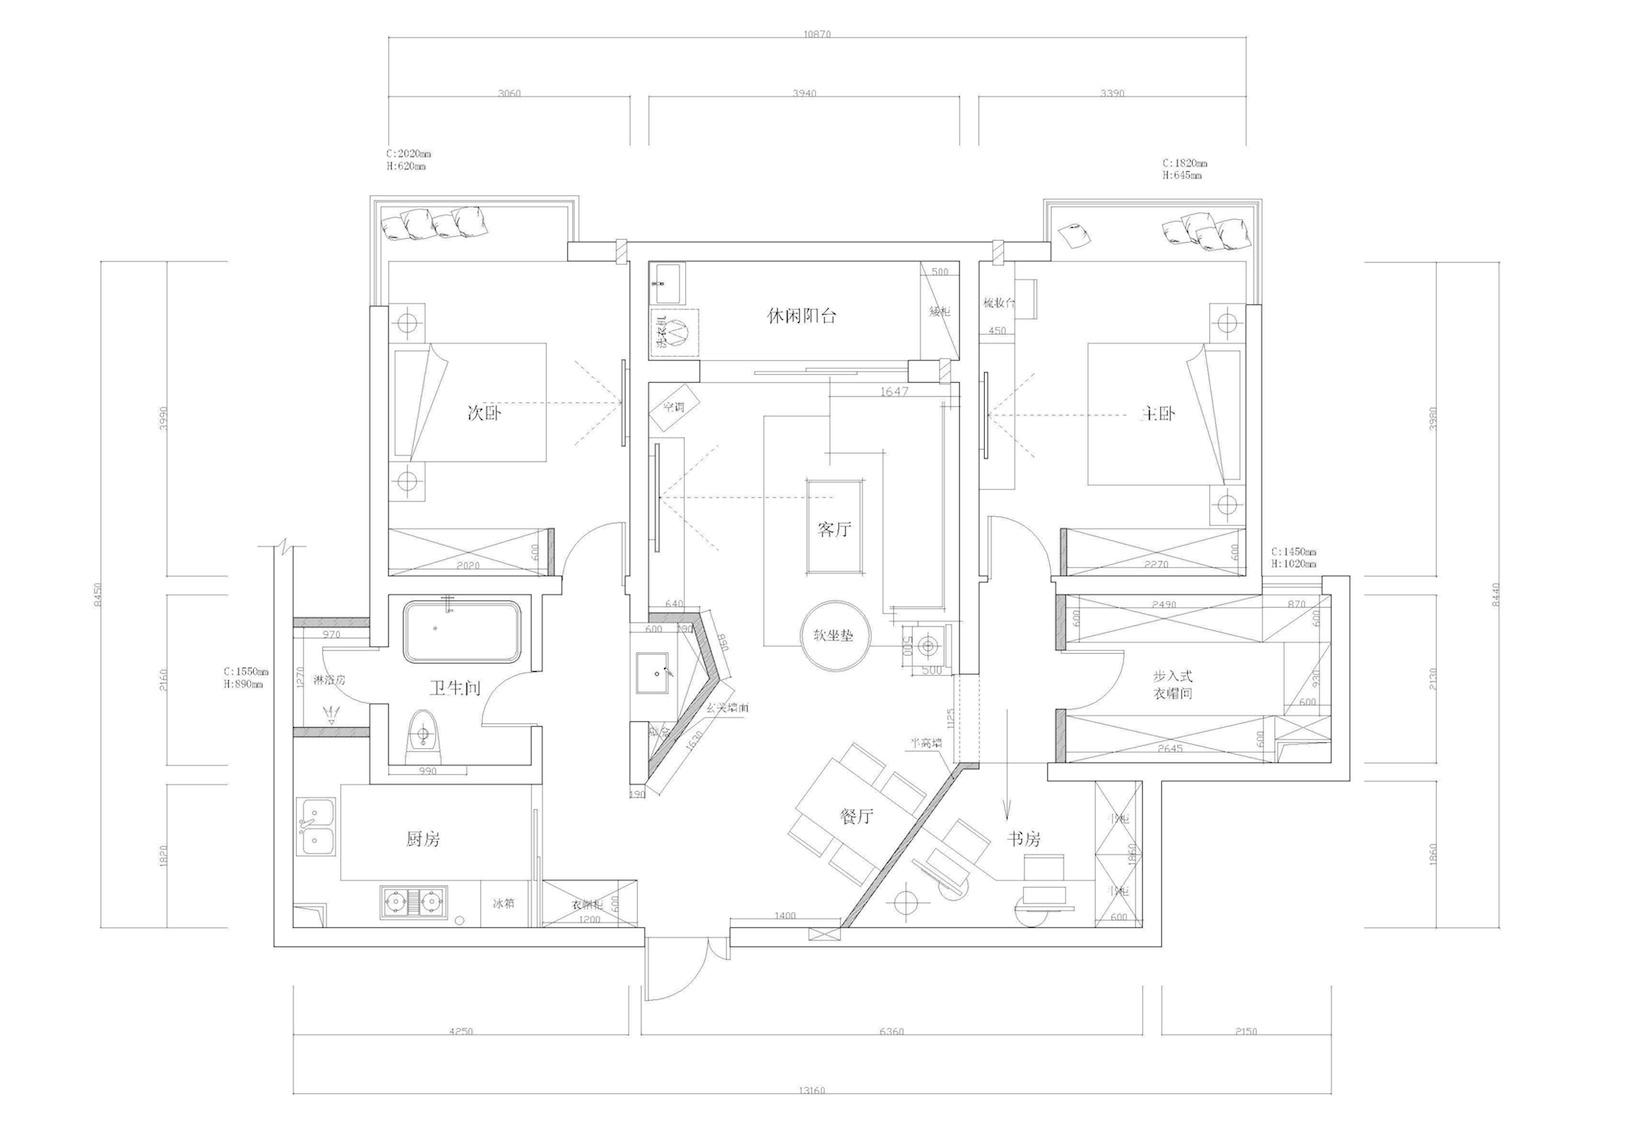 上原始房型图和设计图,请大家提意见